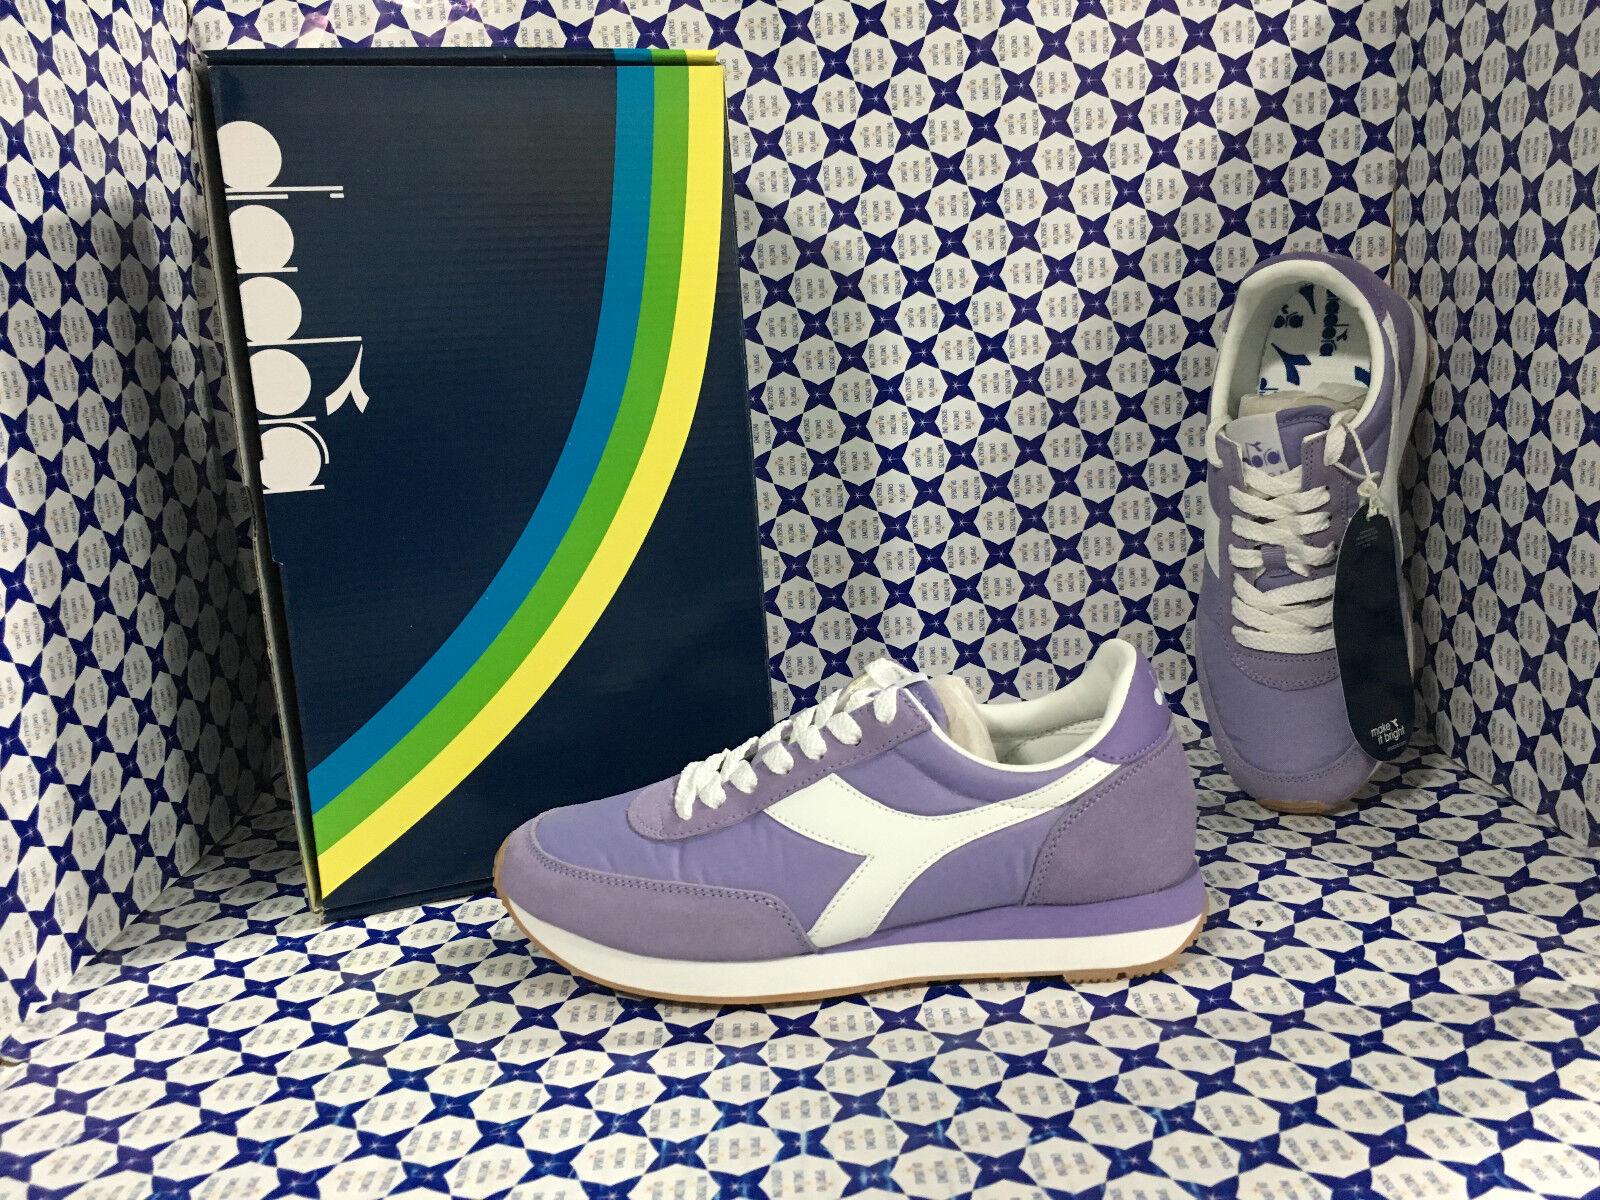 chaussures Diadora femmes baskets - Koala - violet - 173954